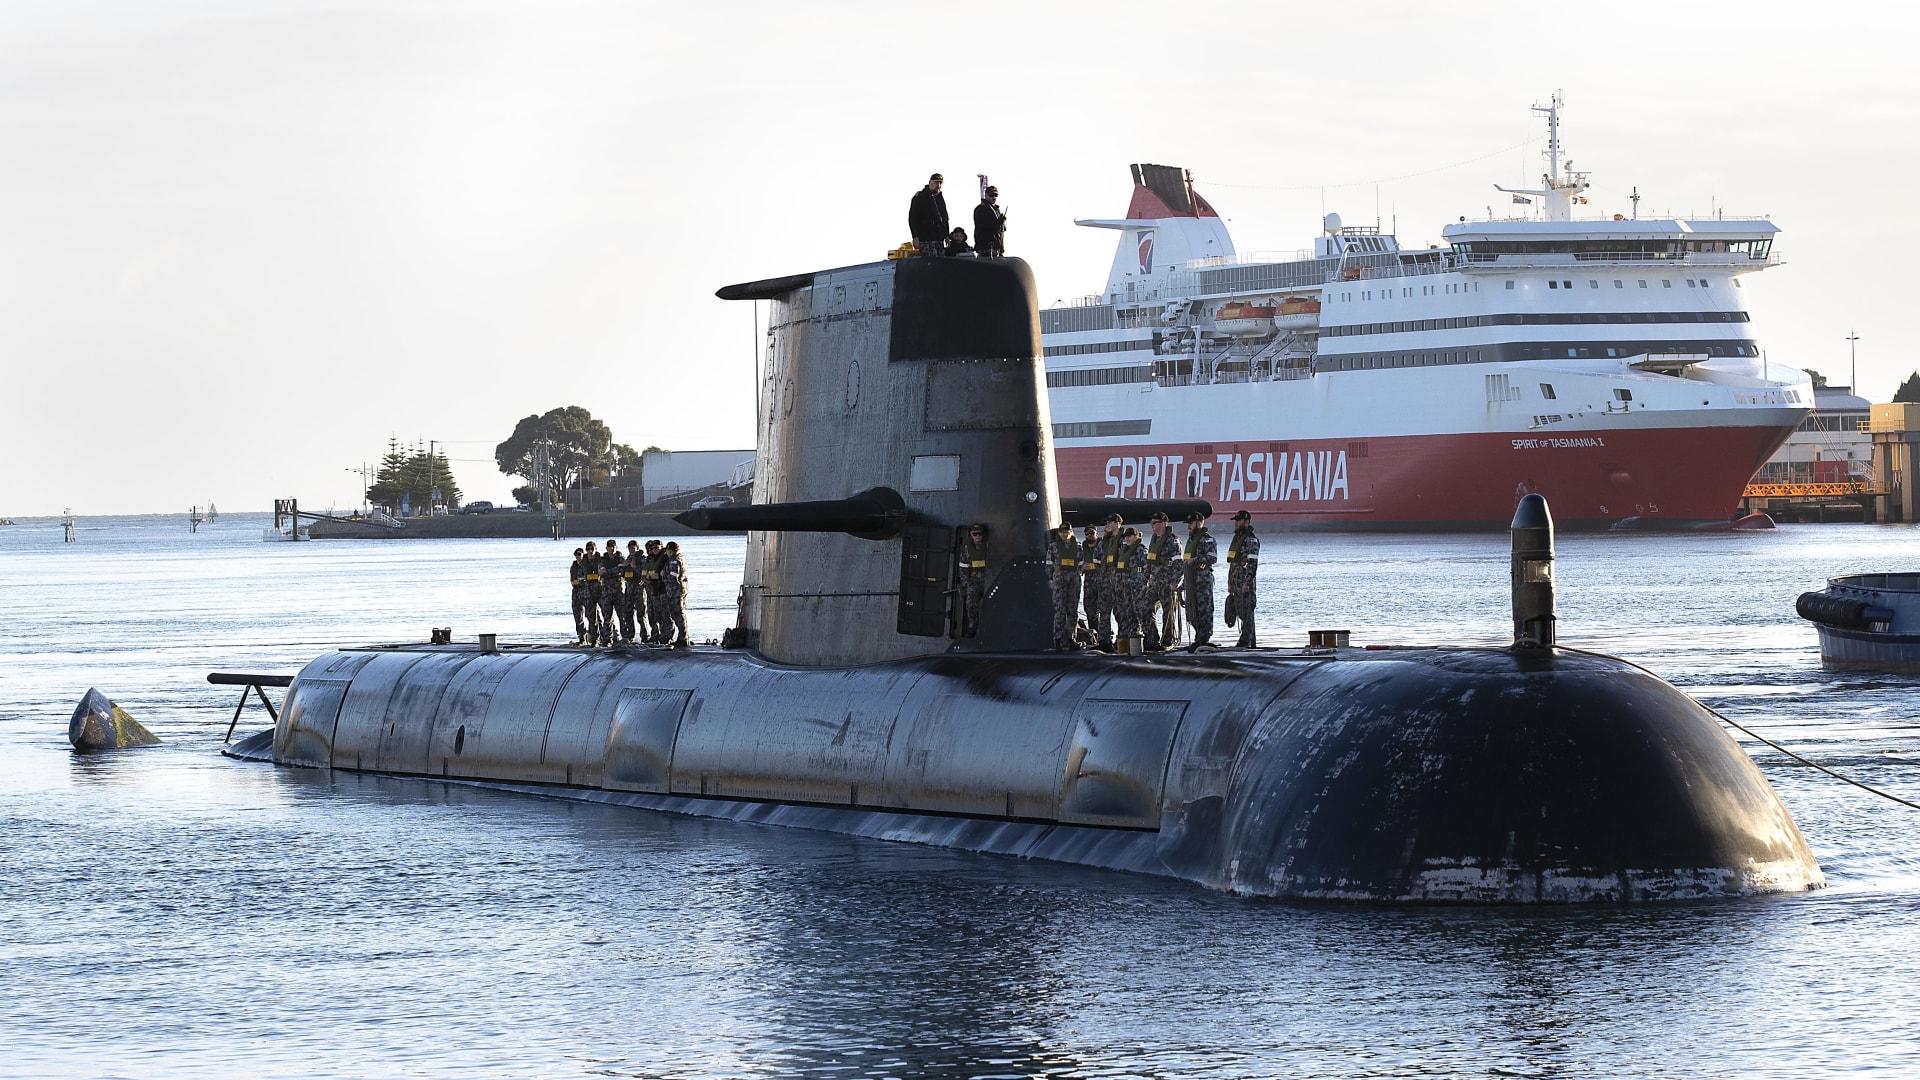 غواصة البحرية الملكية الأسترالية HMAS Sheean في ديفونبورت - 22 أبريل 2021